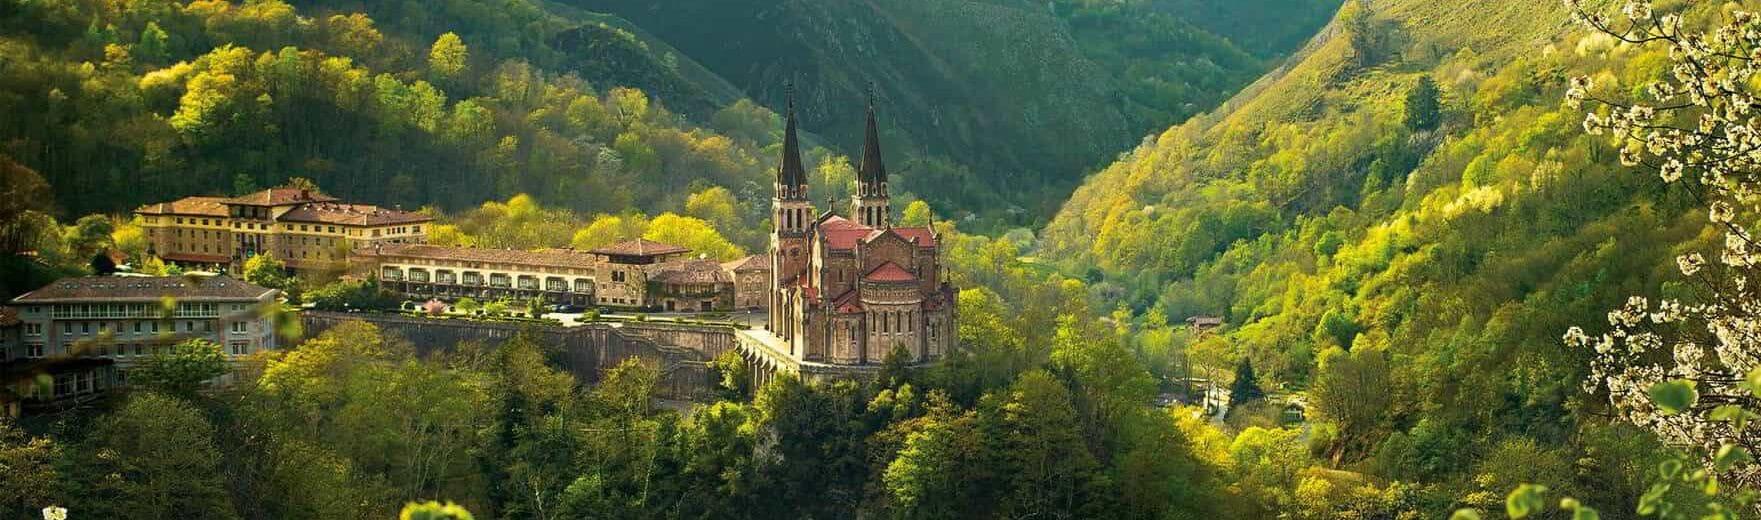 Excursión a Covadonga, Legos y Cangas de Onís en Asturias